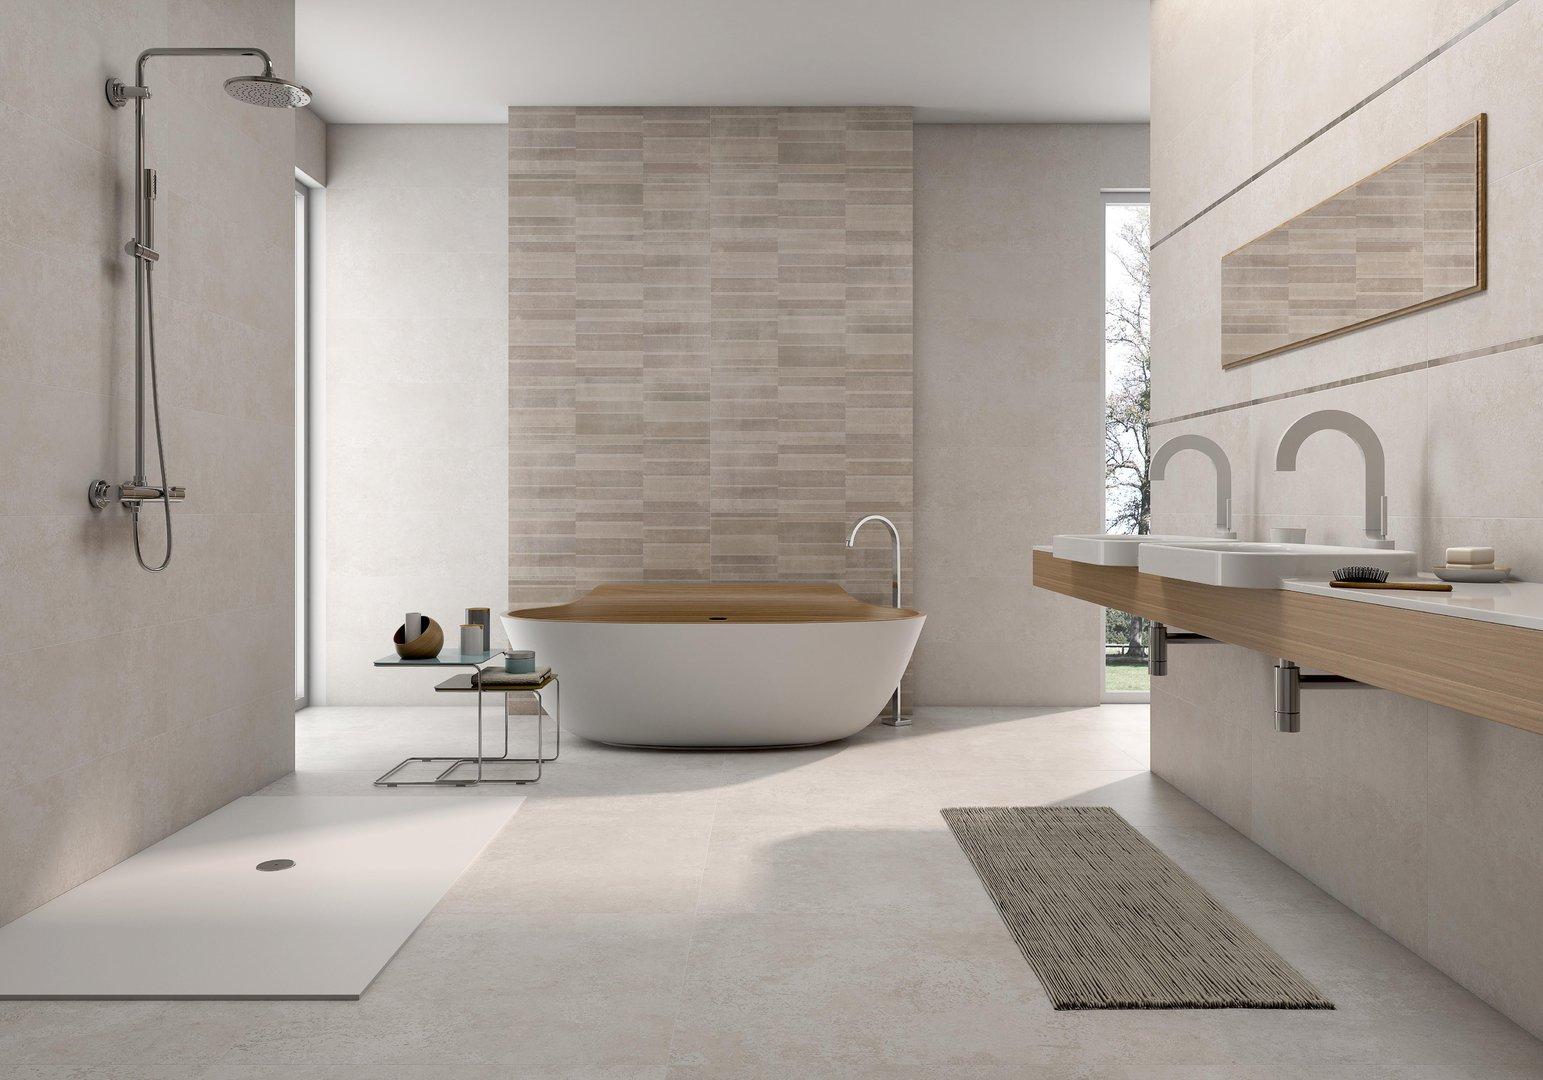 dekorfliese metropol line modul beige 30x90 cm g nstig kaufen. Black Bedroom Furniture Sets. Home Design Ideas